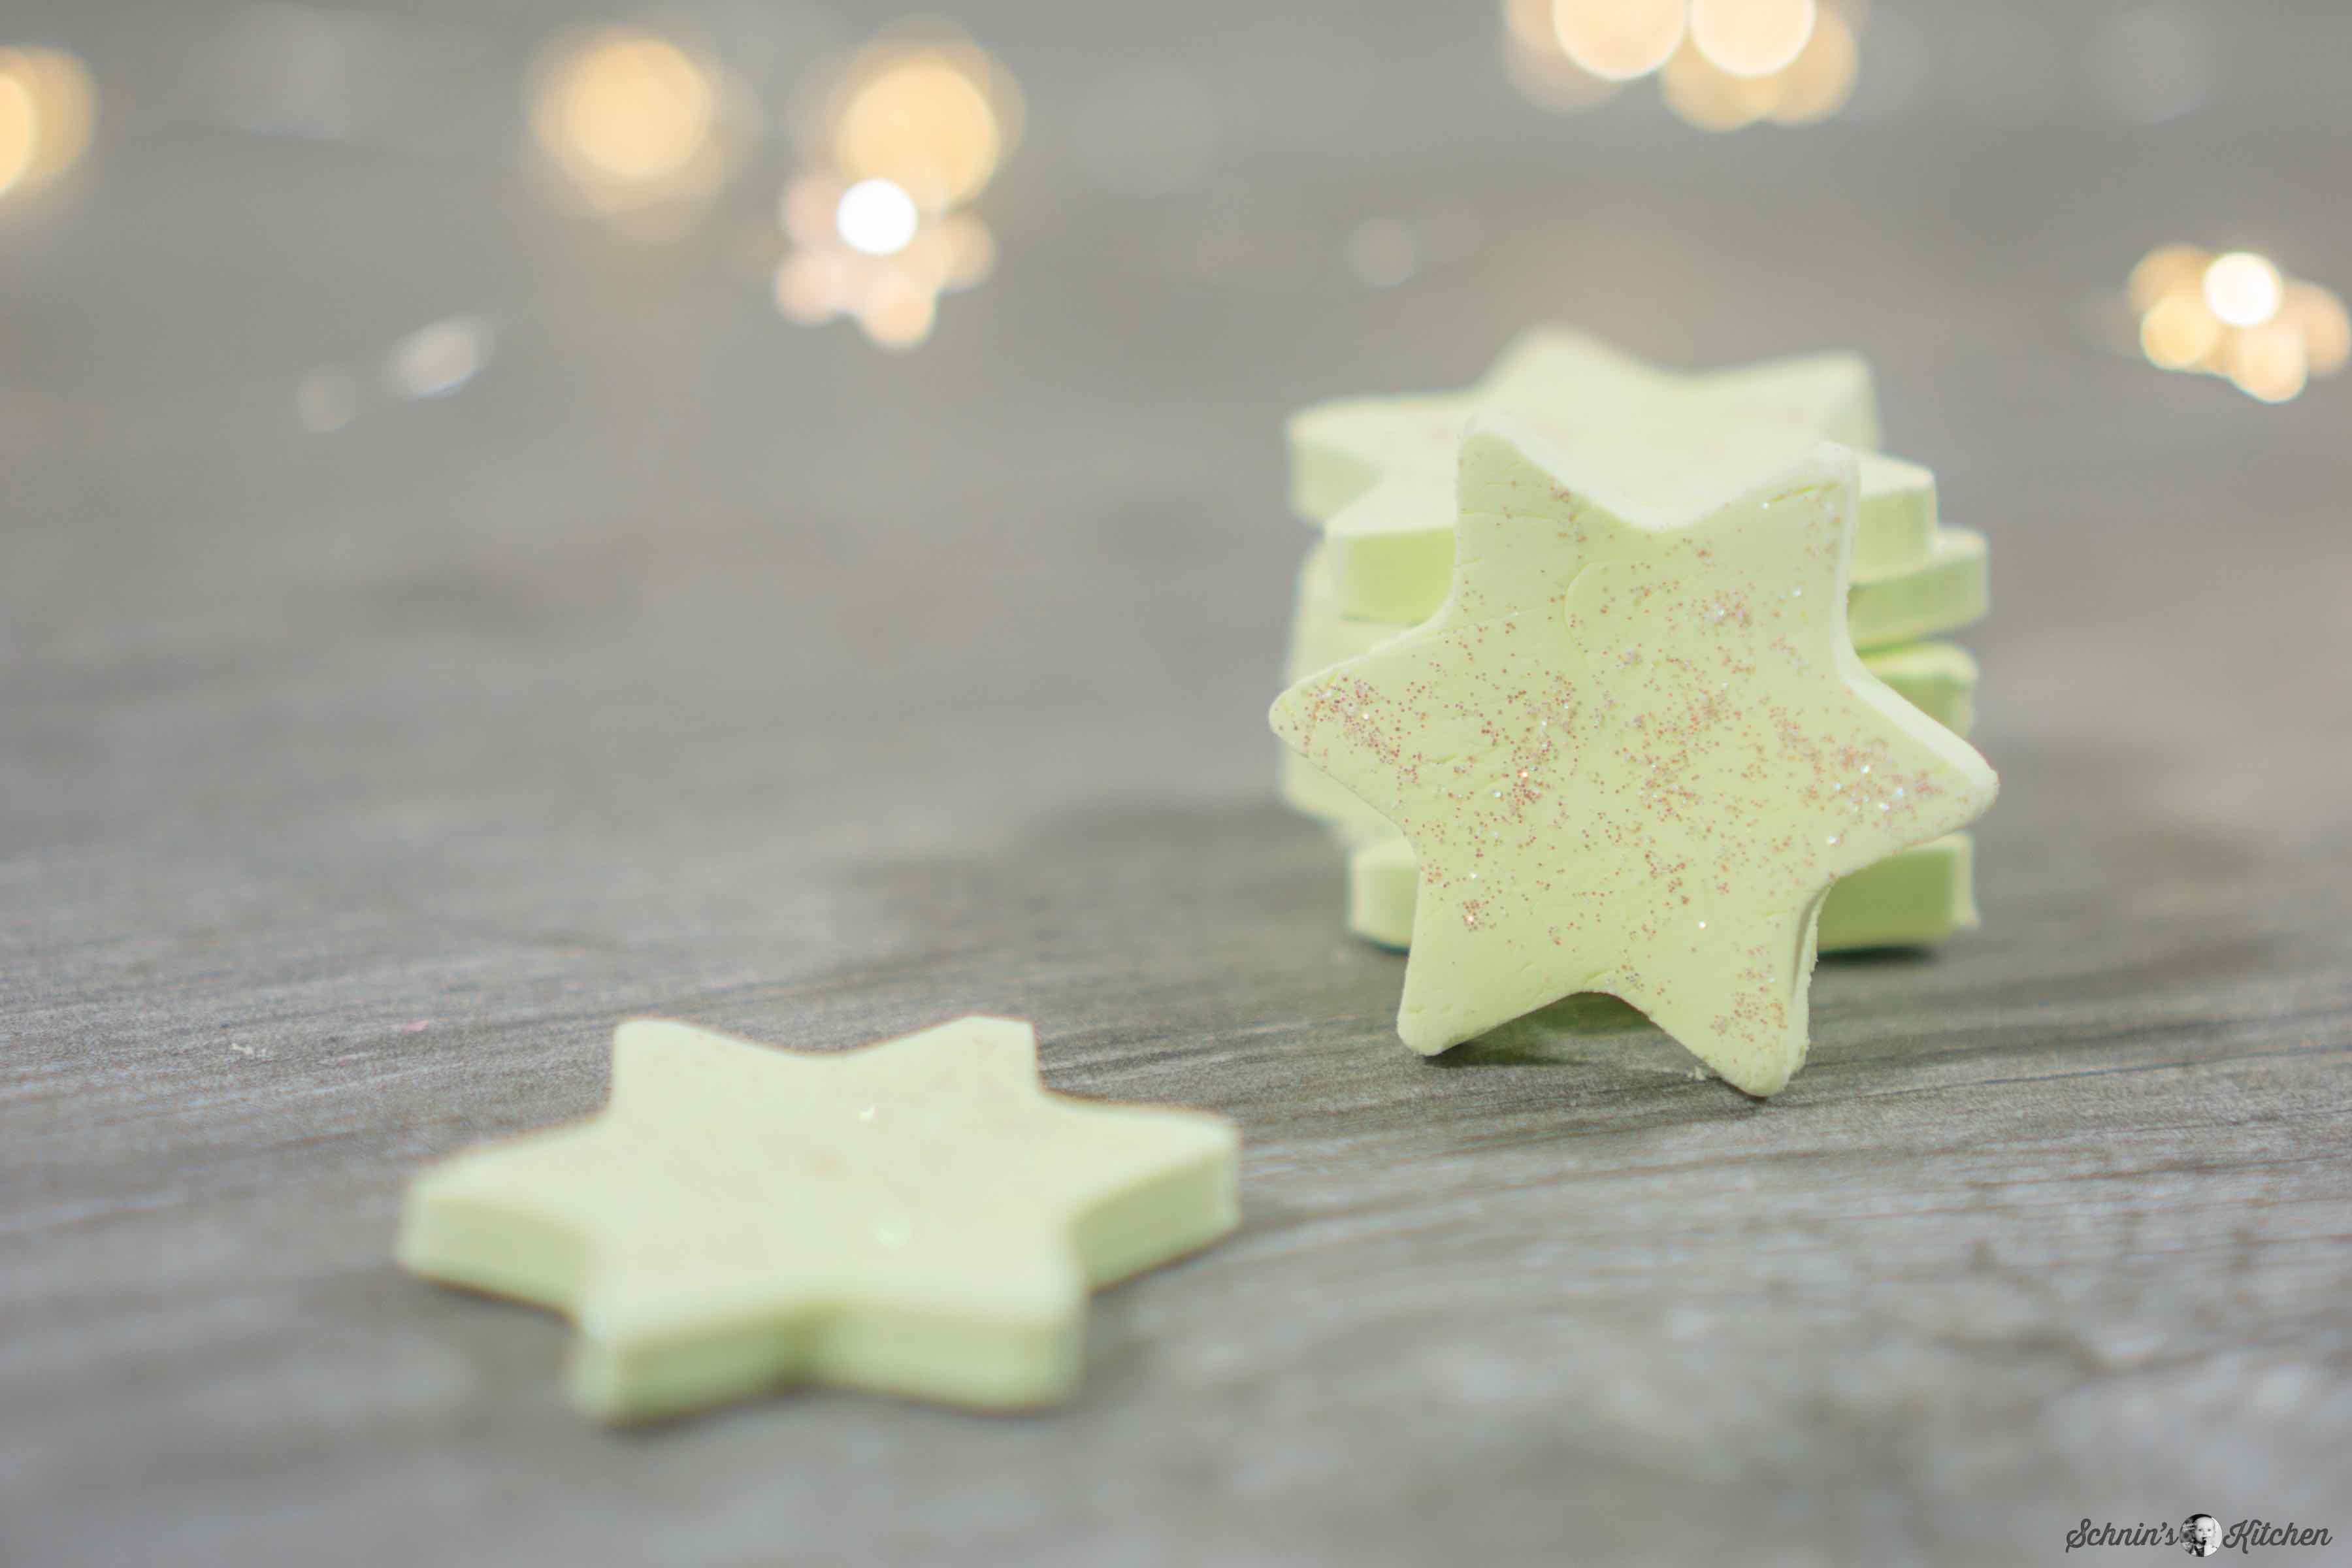 Knetseifensterne selber machen als Weihnachtsgeschenk | www.schninskitchen.de